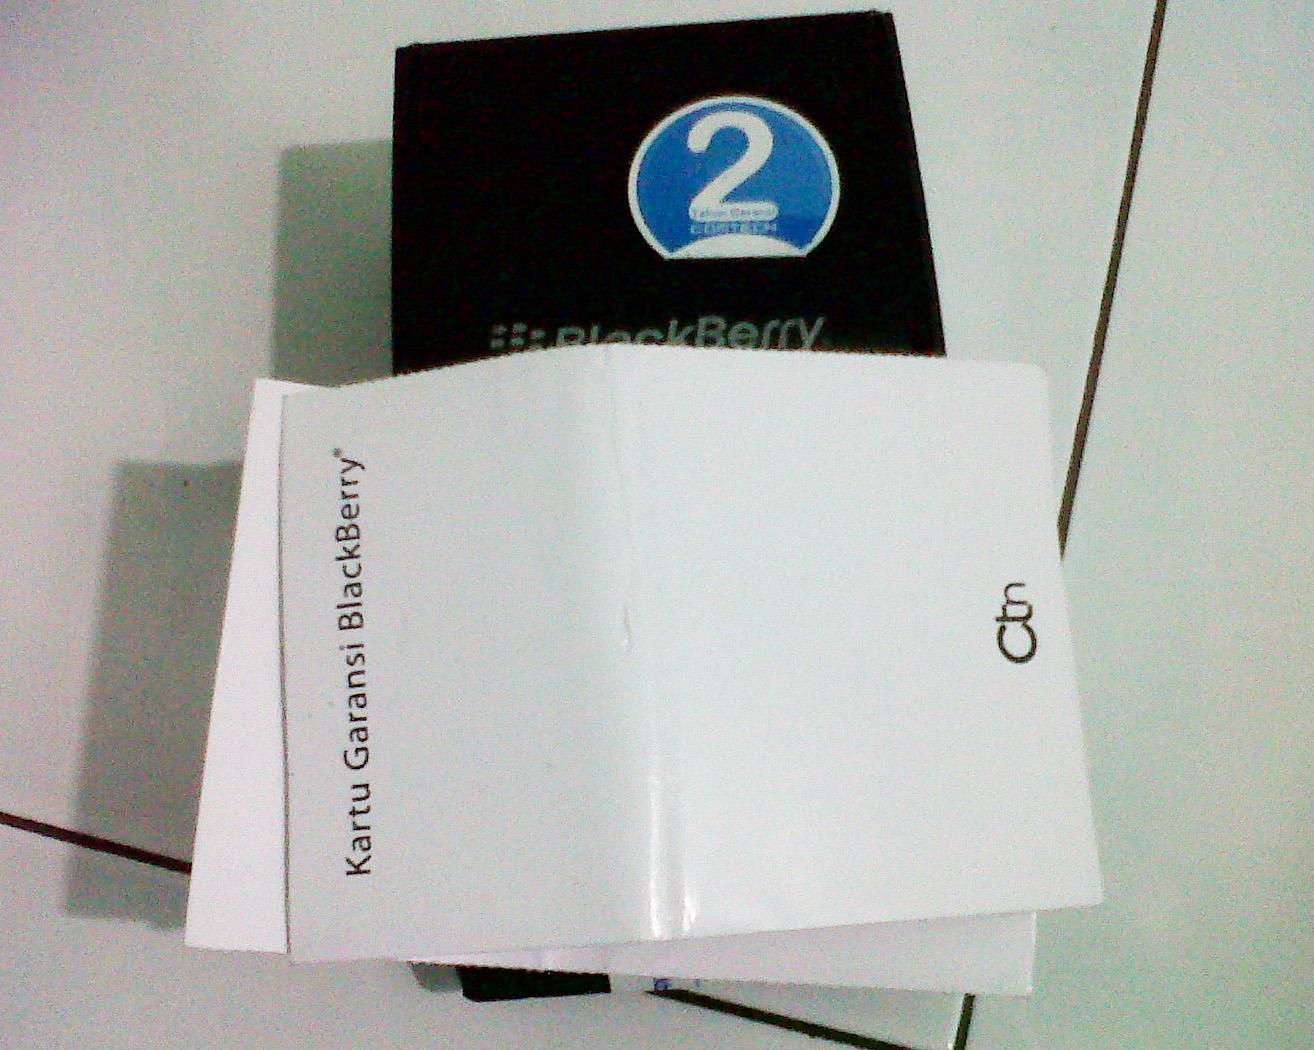 Ciri dan Perbedaan Garansi Blackberry Resmi, Distributor, BM